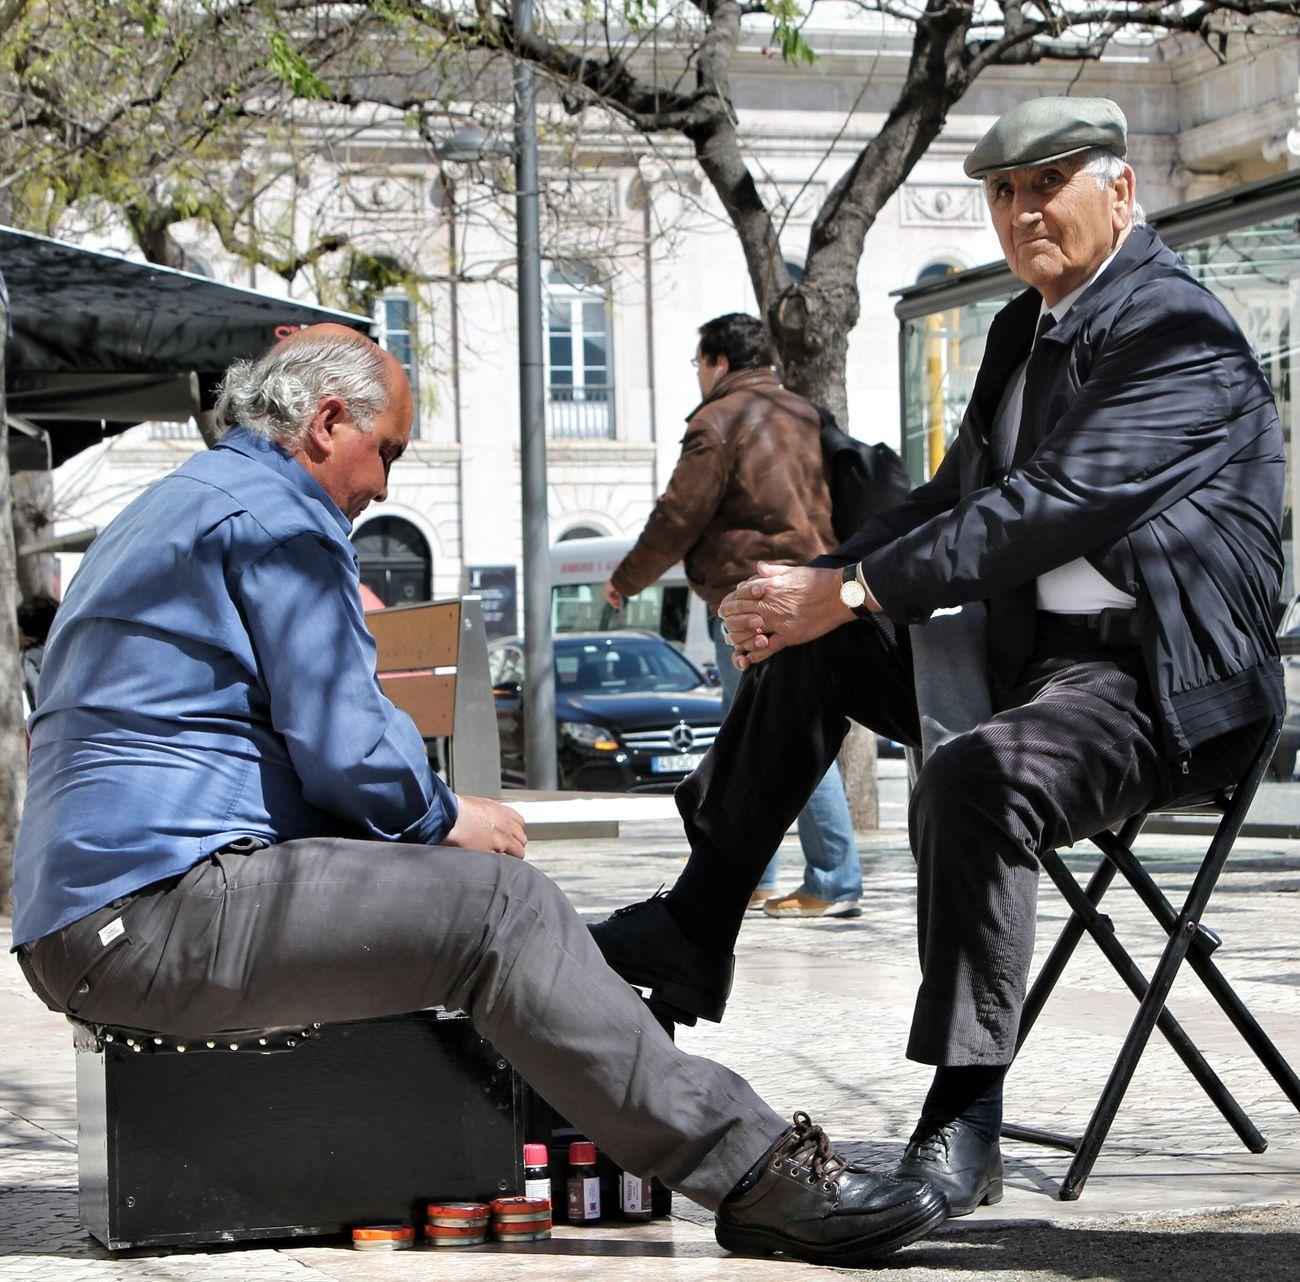 👞👞 Shoeshine Shoeshiner Bootblack Shoeblack Lustrascarpe Old Men People Photography Lisboa Lisbona Portogallo Portugal Lisbon Streetphotography Streetportrait Eyem Best Shots Silviamarconi Eyemgallery Plaza Moments Streetlife Urban Lifestyle Lifestyles Looking At Camera Shoes Ambulante